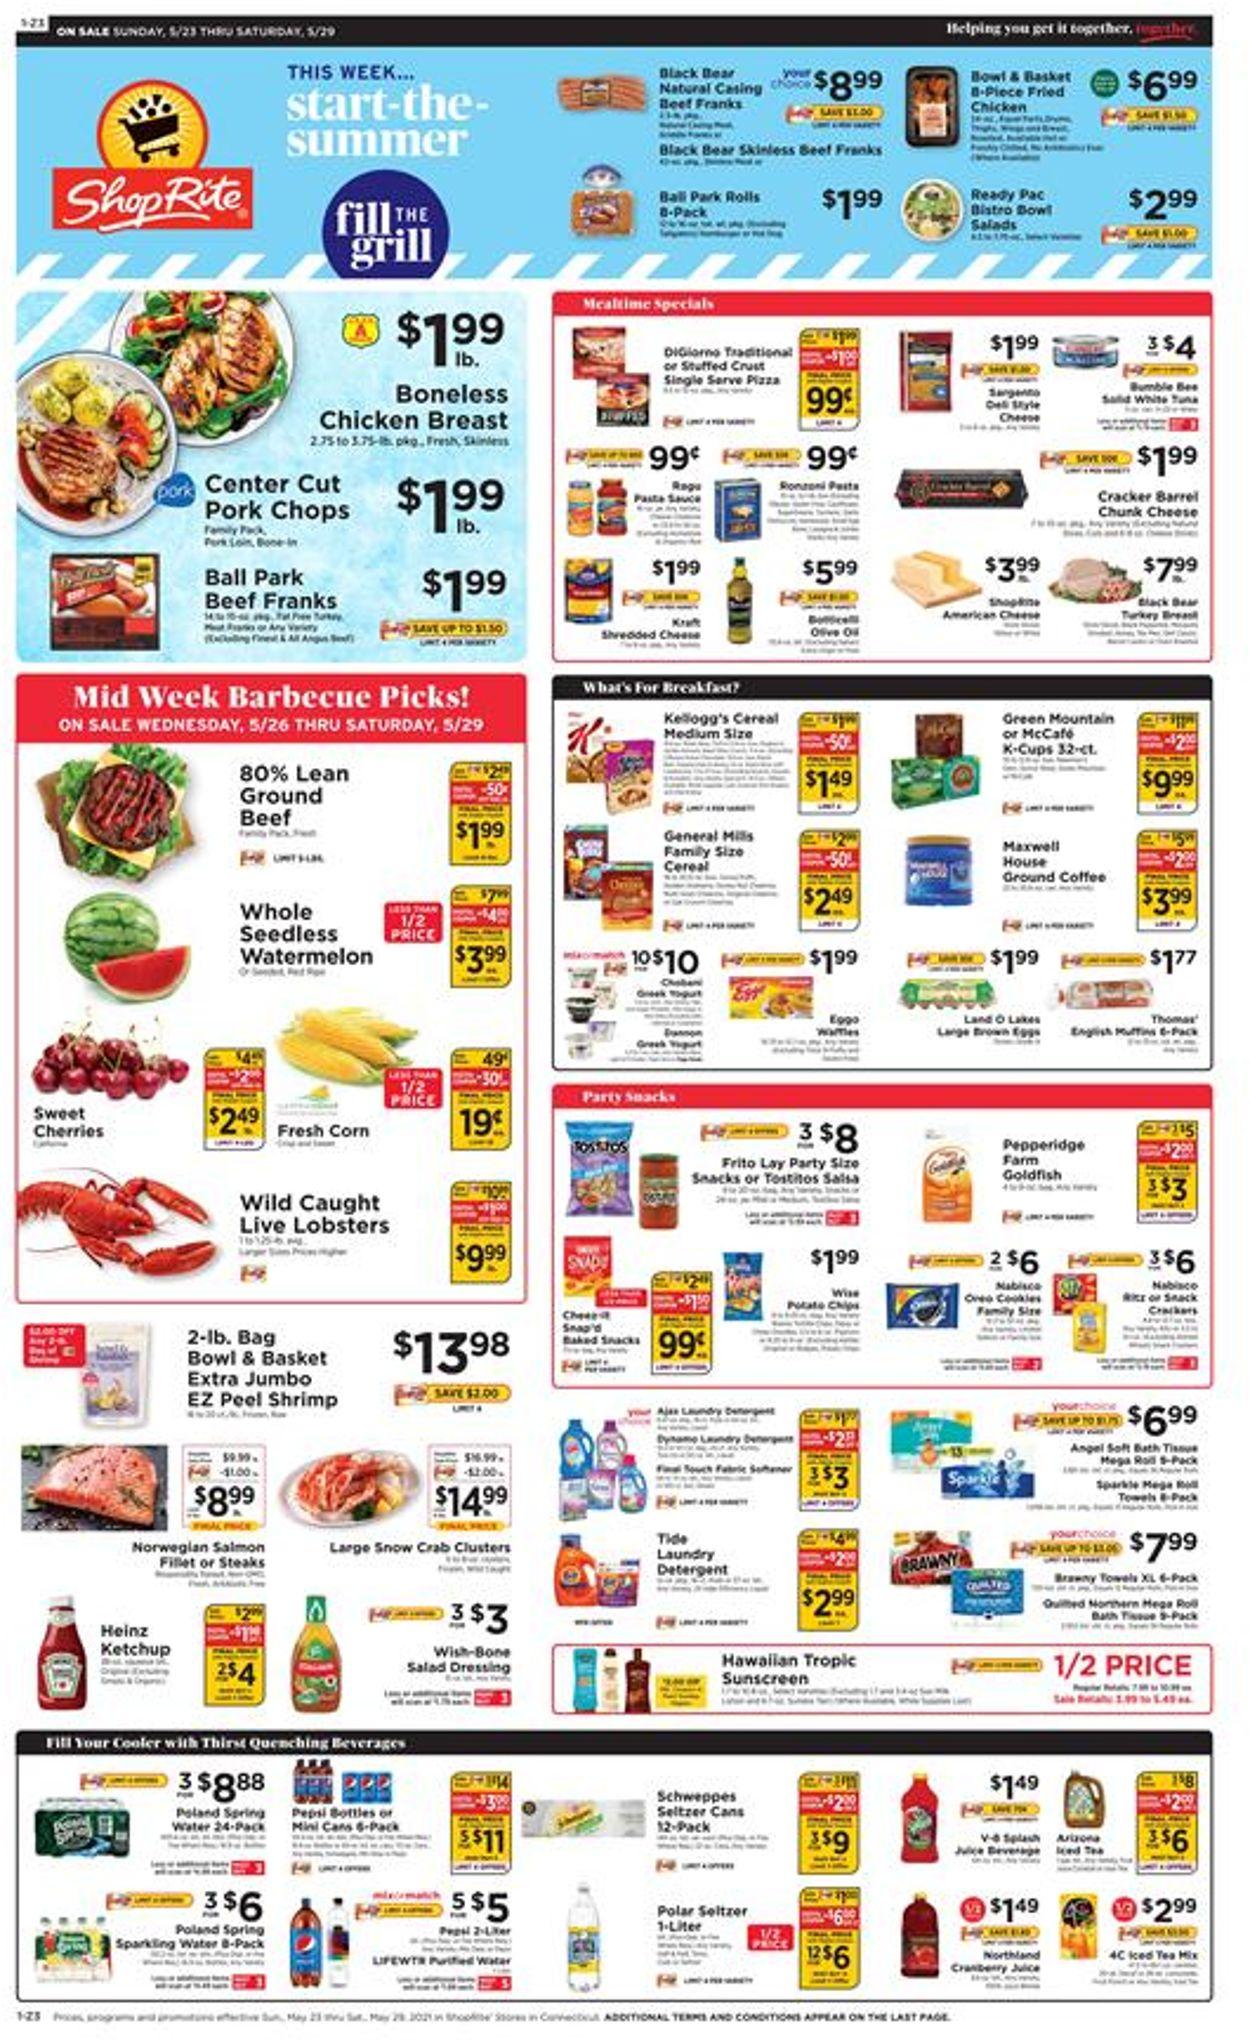 ShopRite Weekly Ad Circular - valid 05/23-05/29/2021